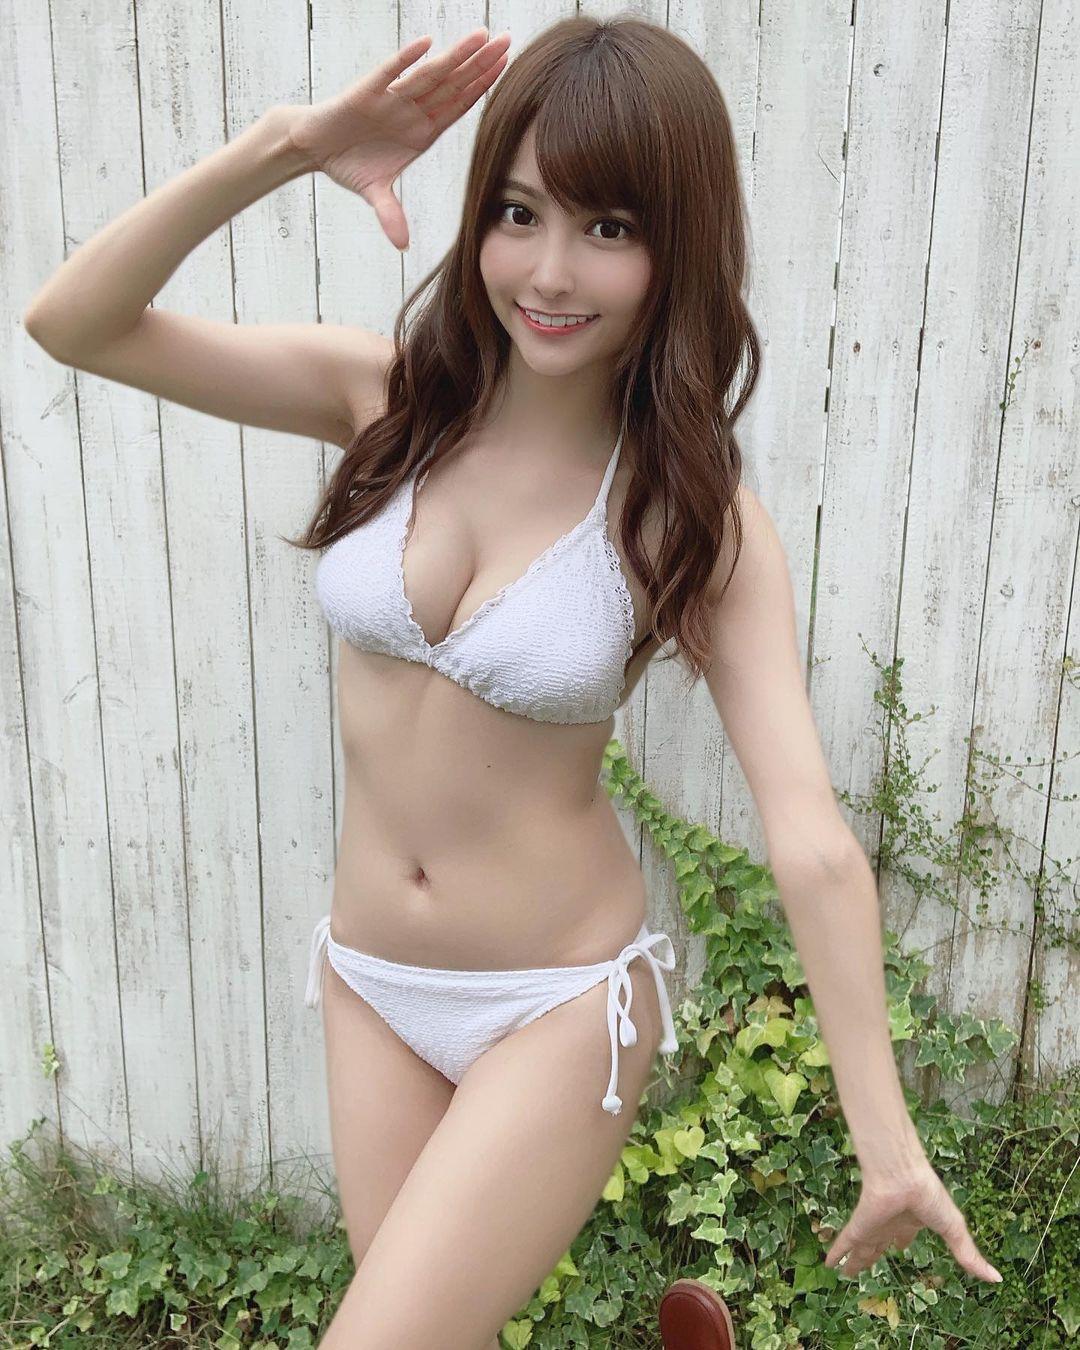 ビキニ水着衣装を披露【花咲れあさん/2020年11月10日】